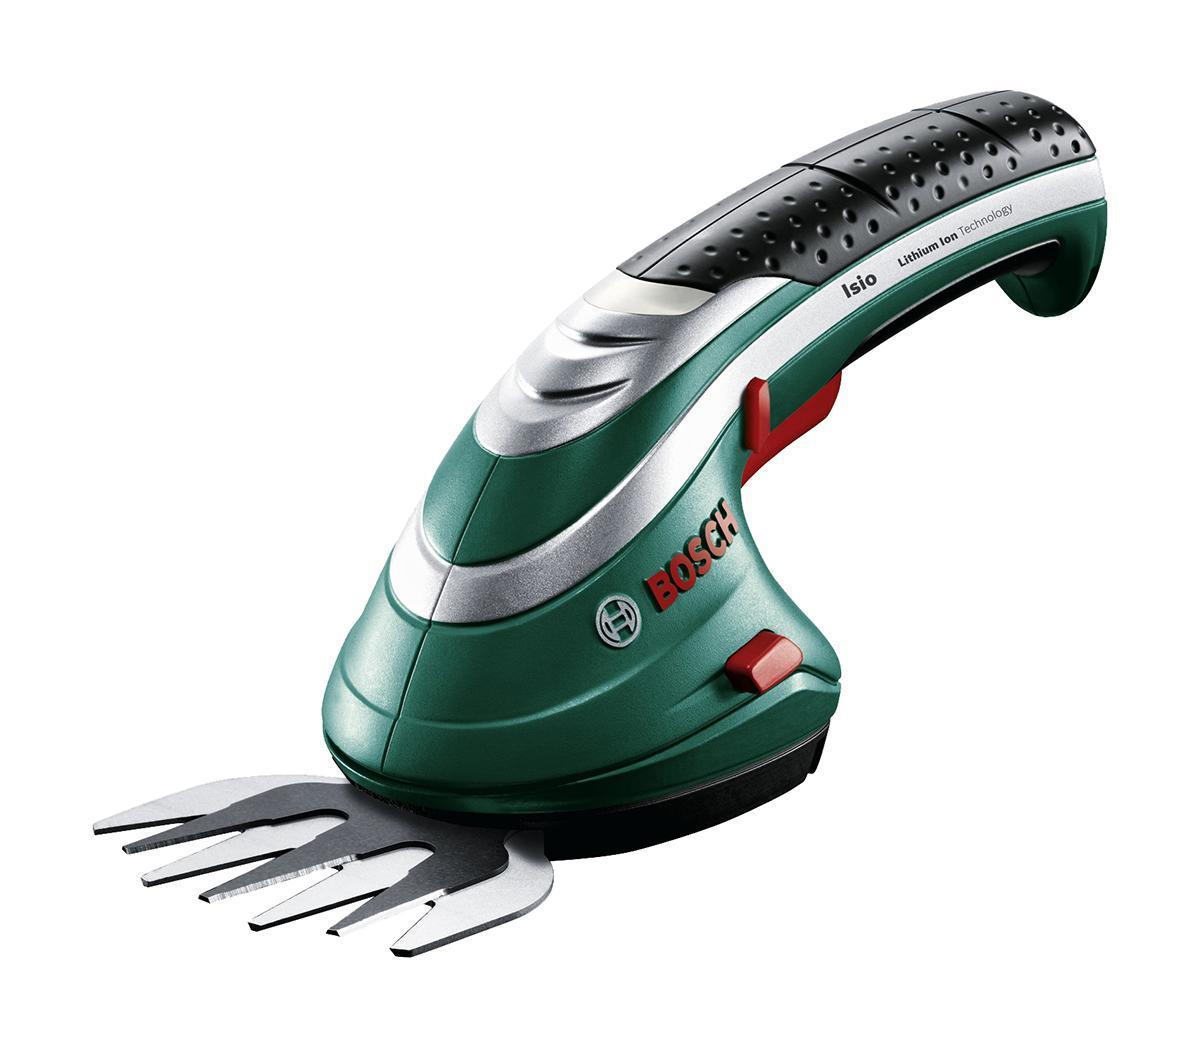 Аккумуляторные ножницы для травы Bosch ISIO 3 + штанга 0600833105 ( 0600833105 )